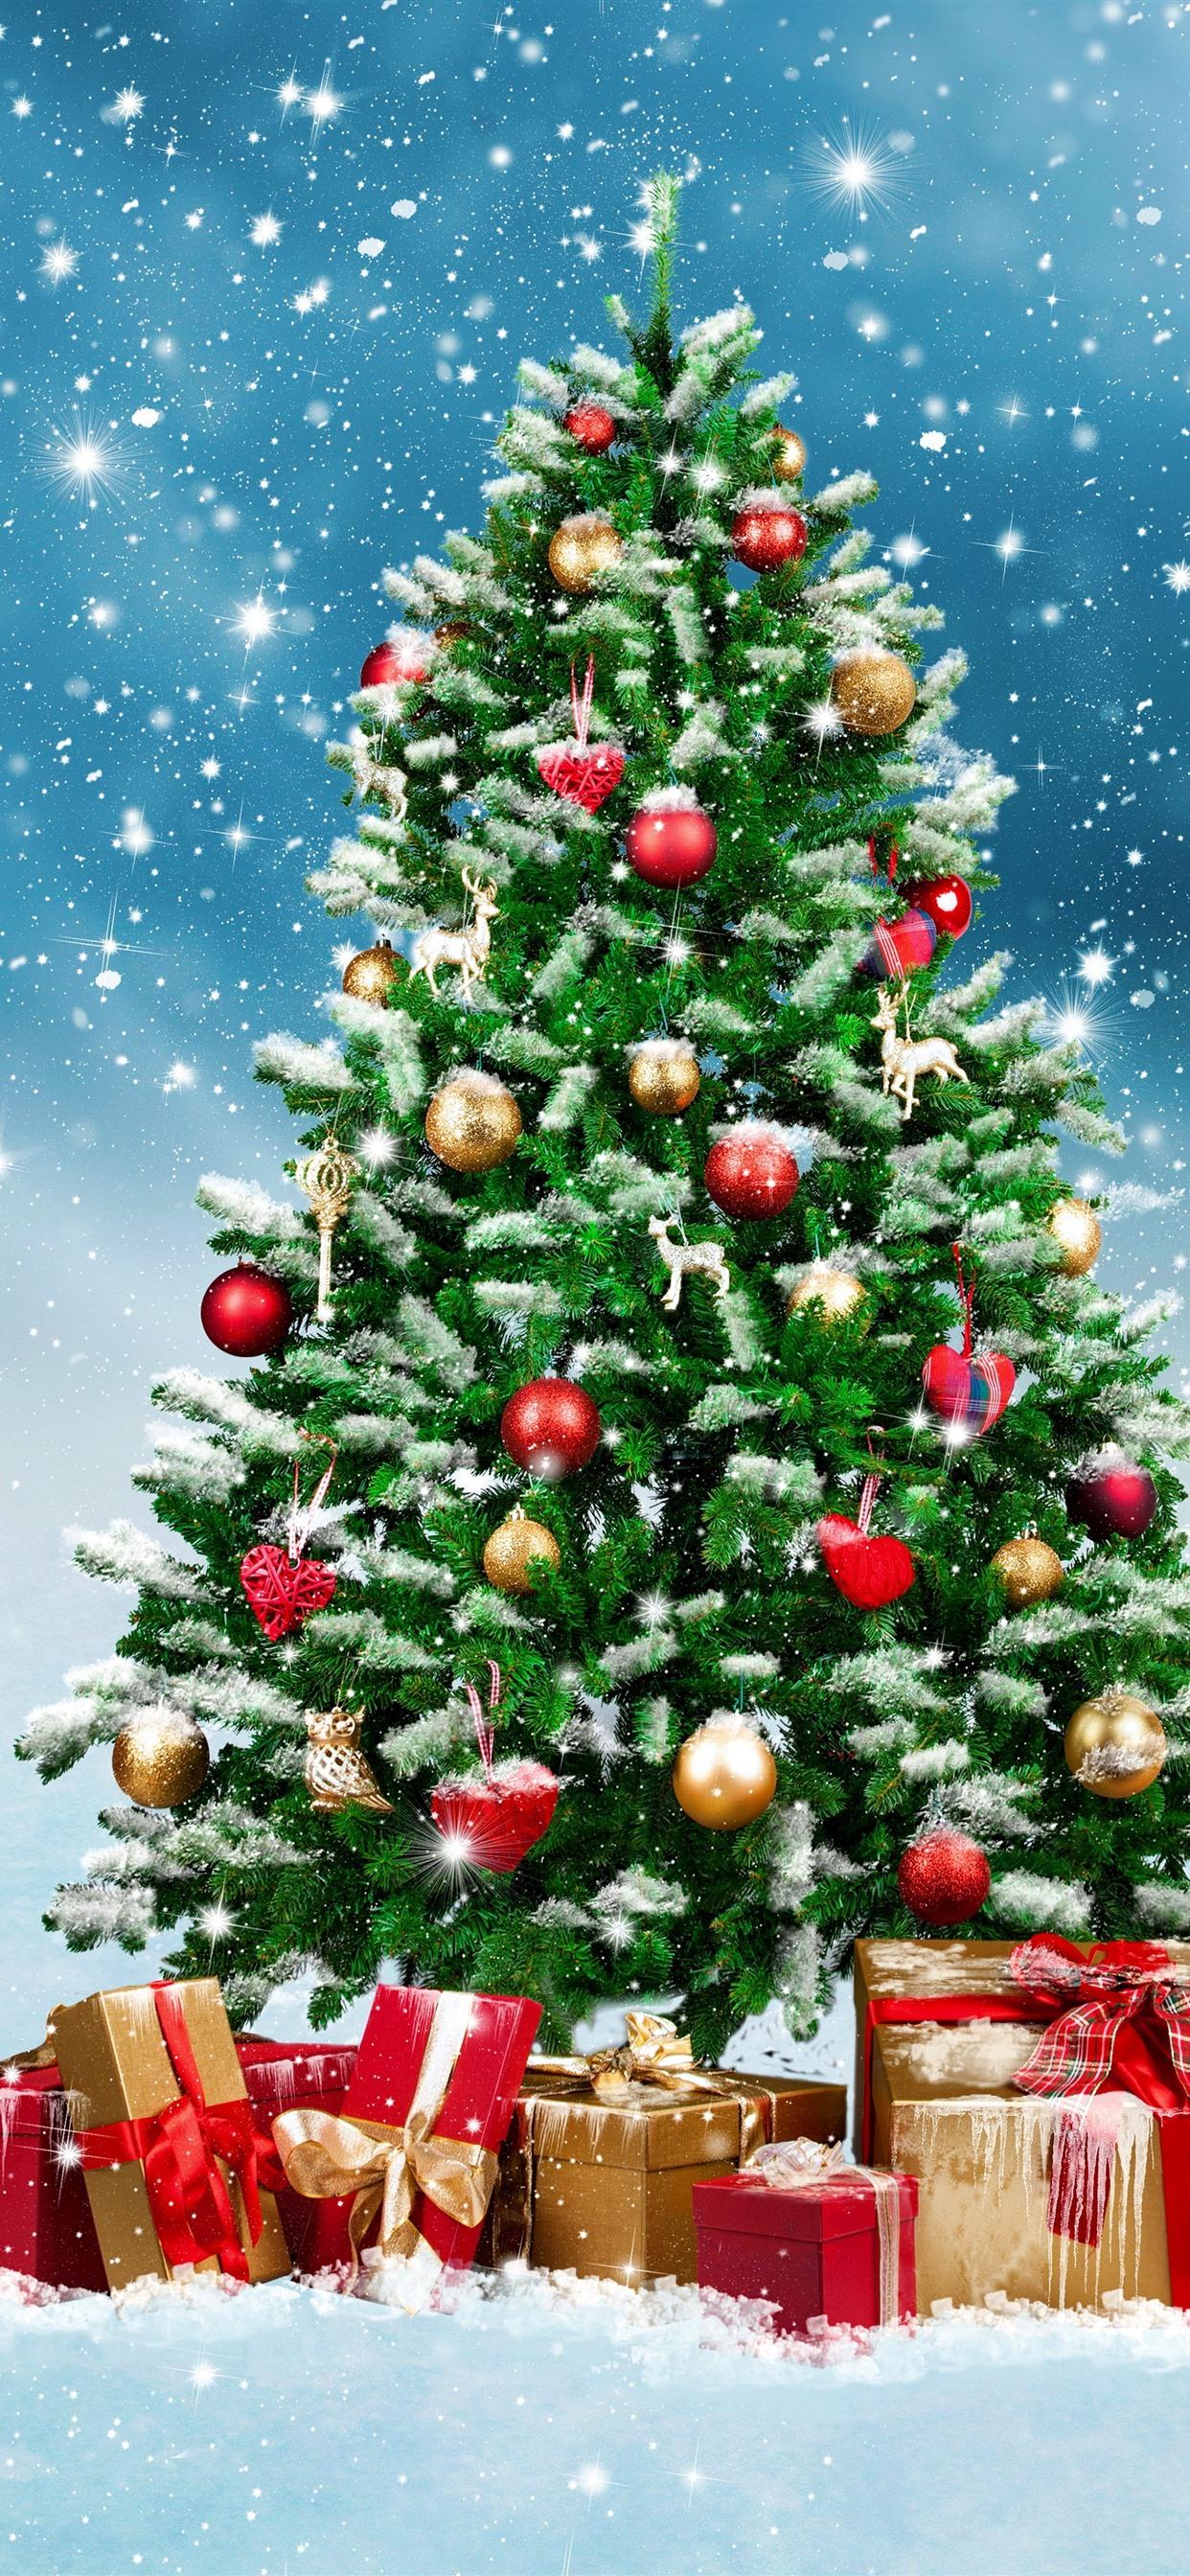 クリスマスツリー プレゼント ボール 雪 雪 輝き 1242x2688